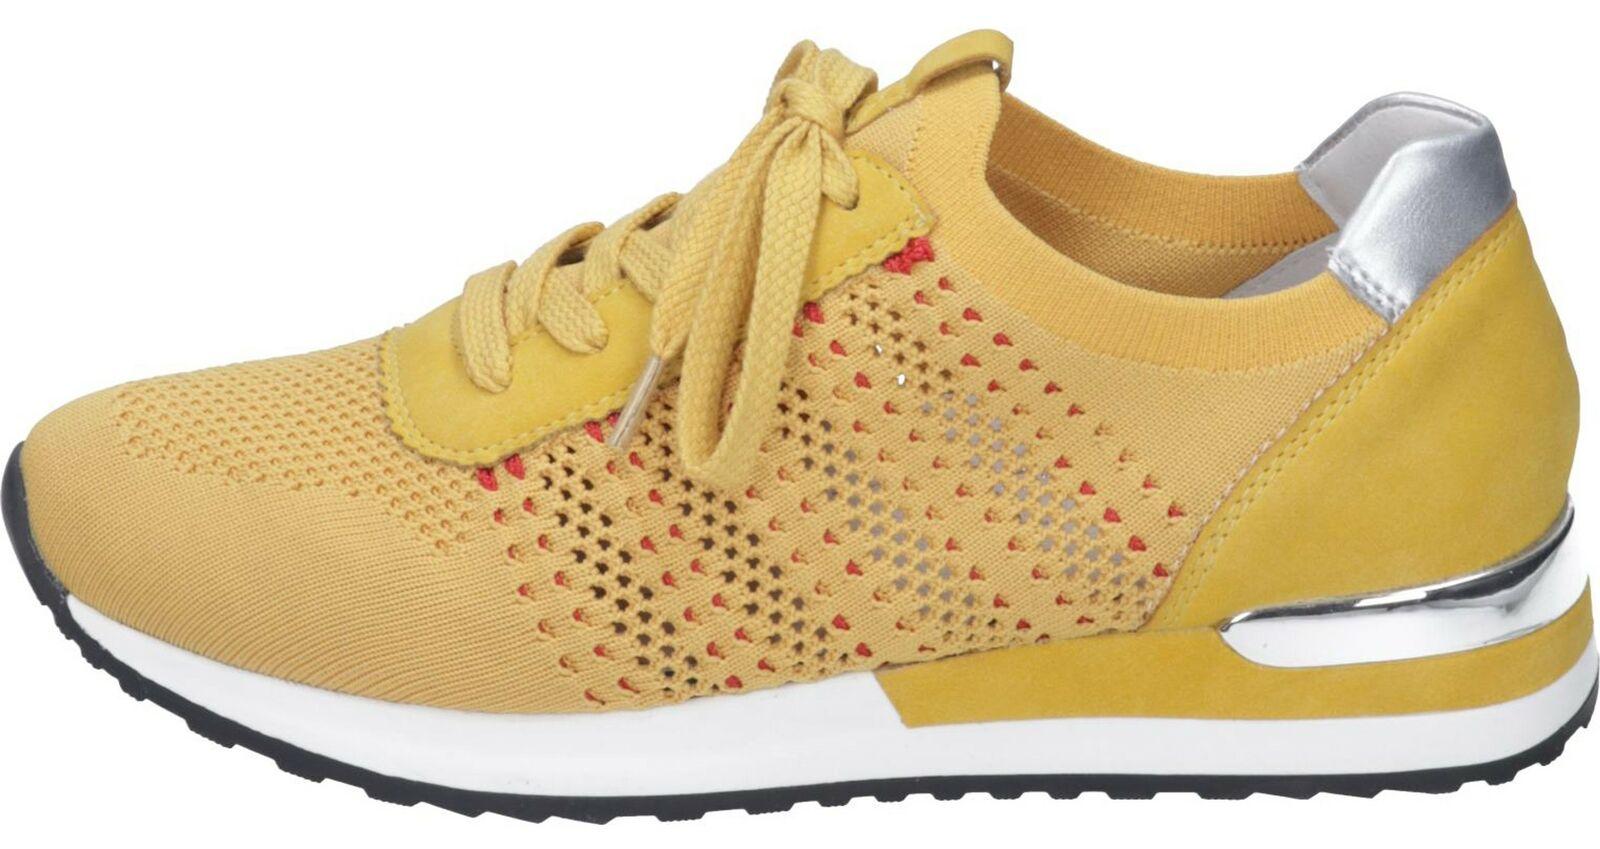 Remonte ladies trainers yellow combi